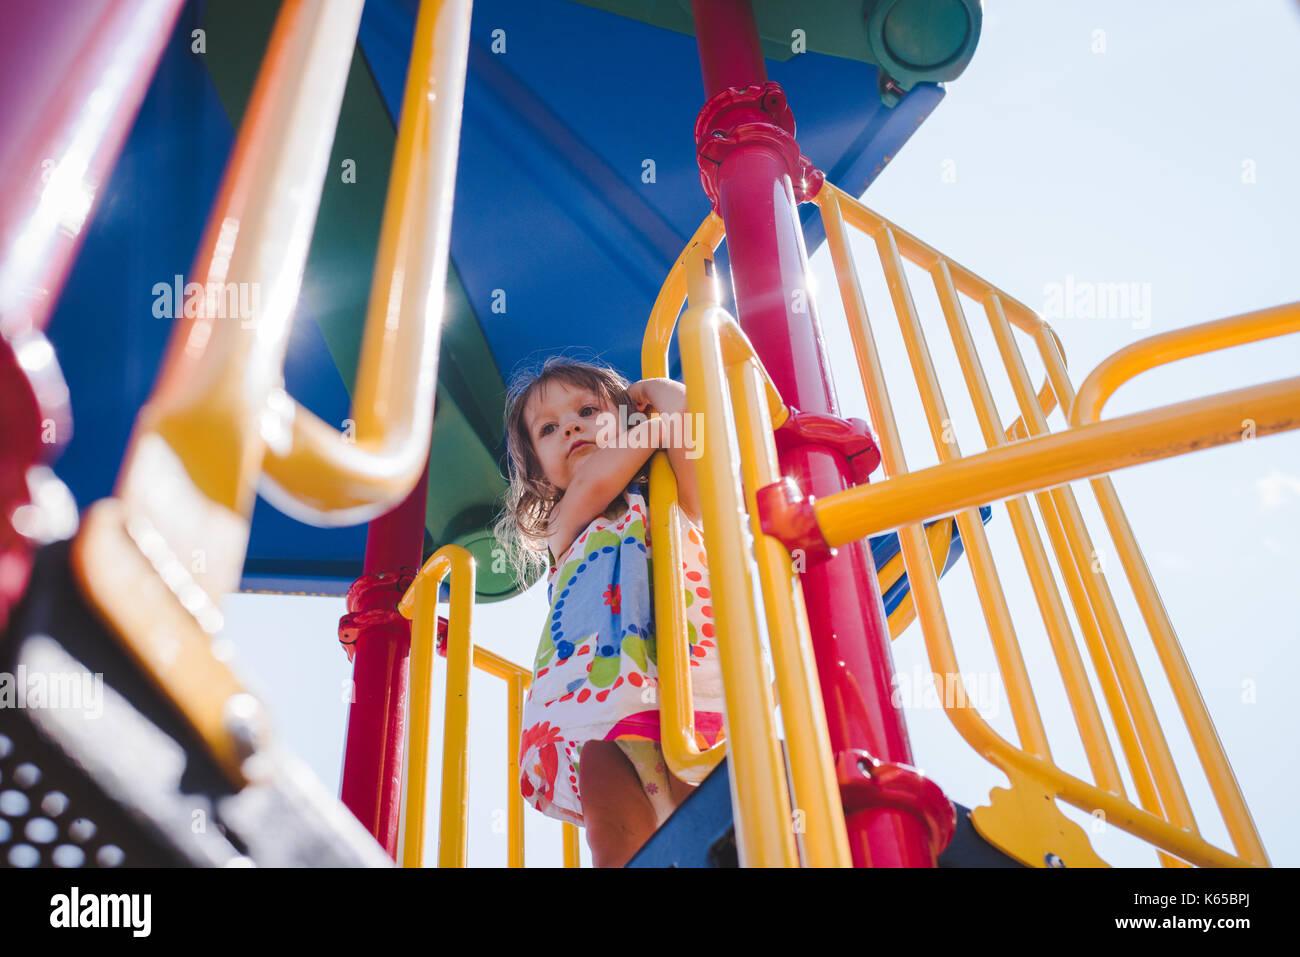 Uma criança rapariga desempenha em equipamentos de playground em um dia ensolarado. Imagens de Stock